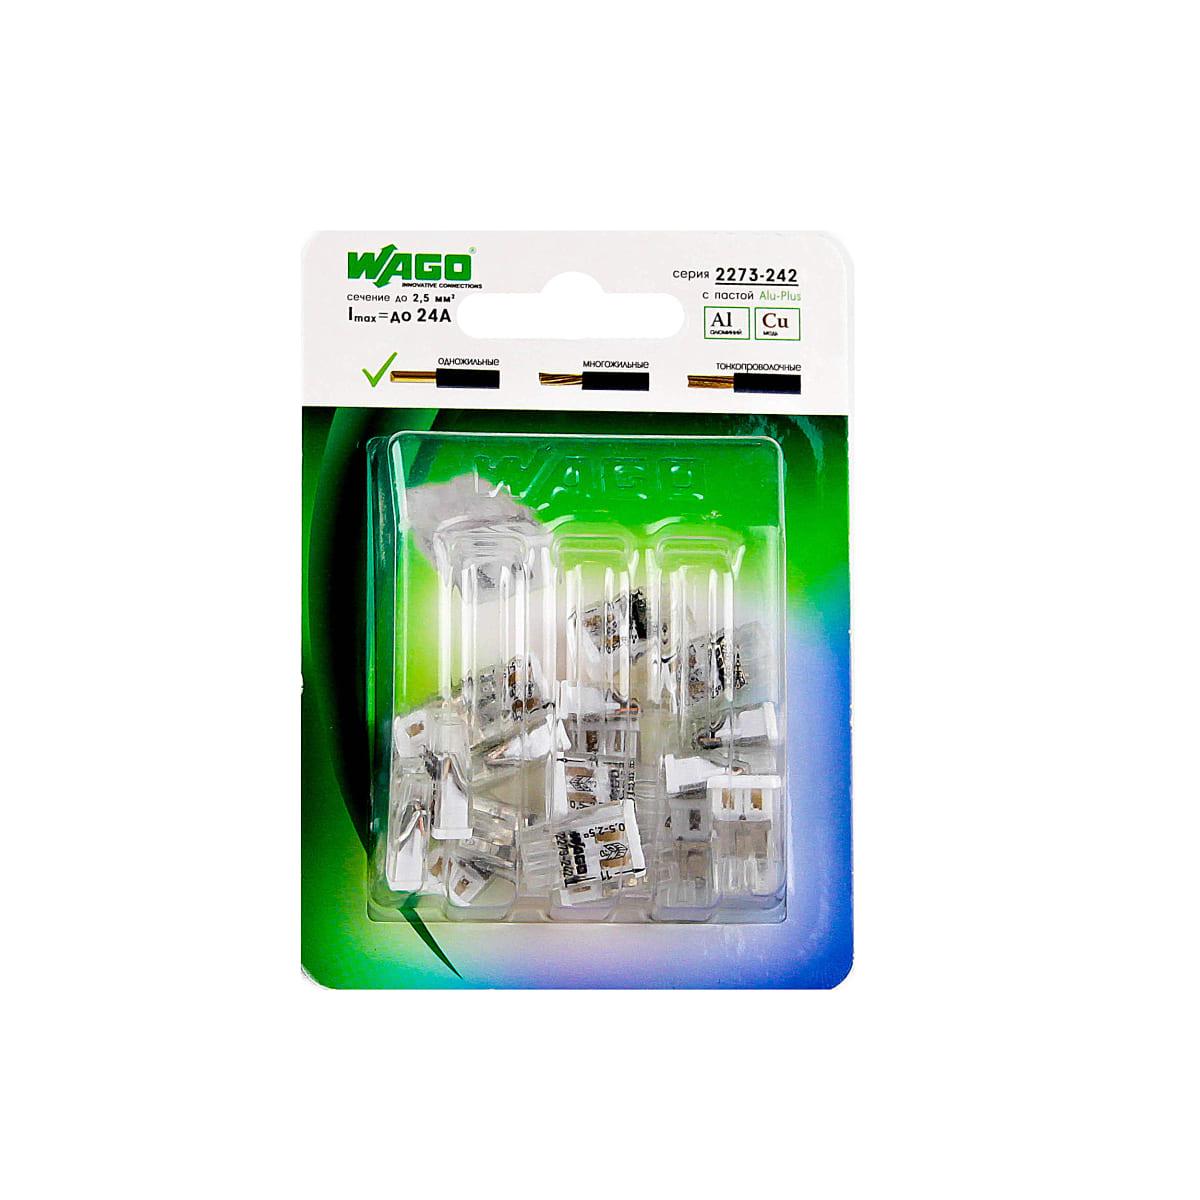 Клемма соединительная Wago, 2 разъёма под провода с пастой, 10х5.8х16.7 мм, полиамид, 20 шт.